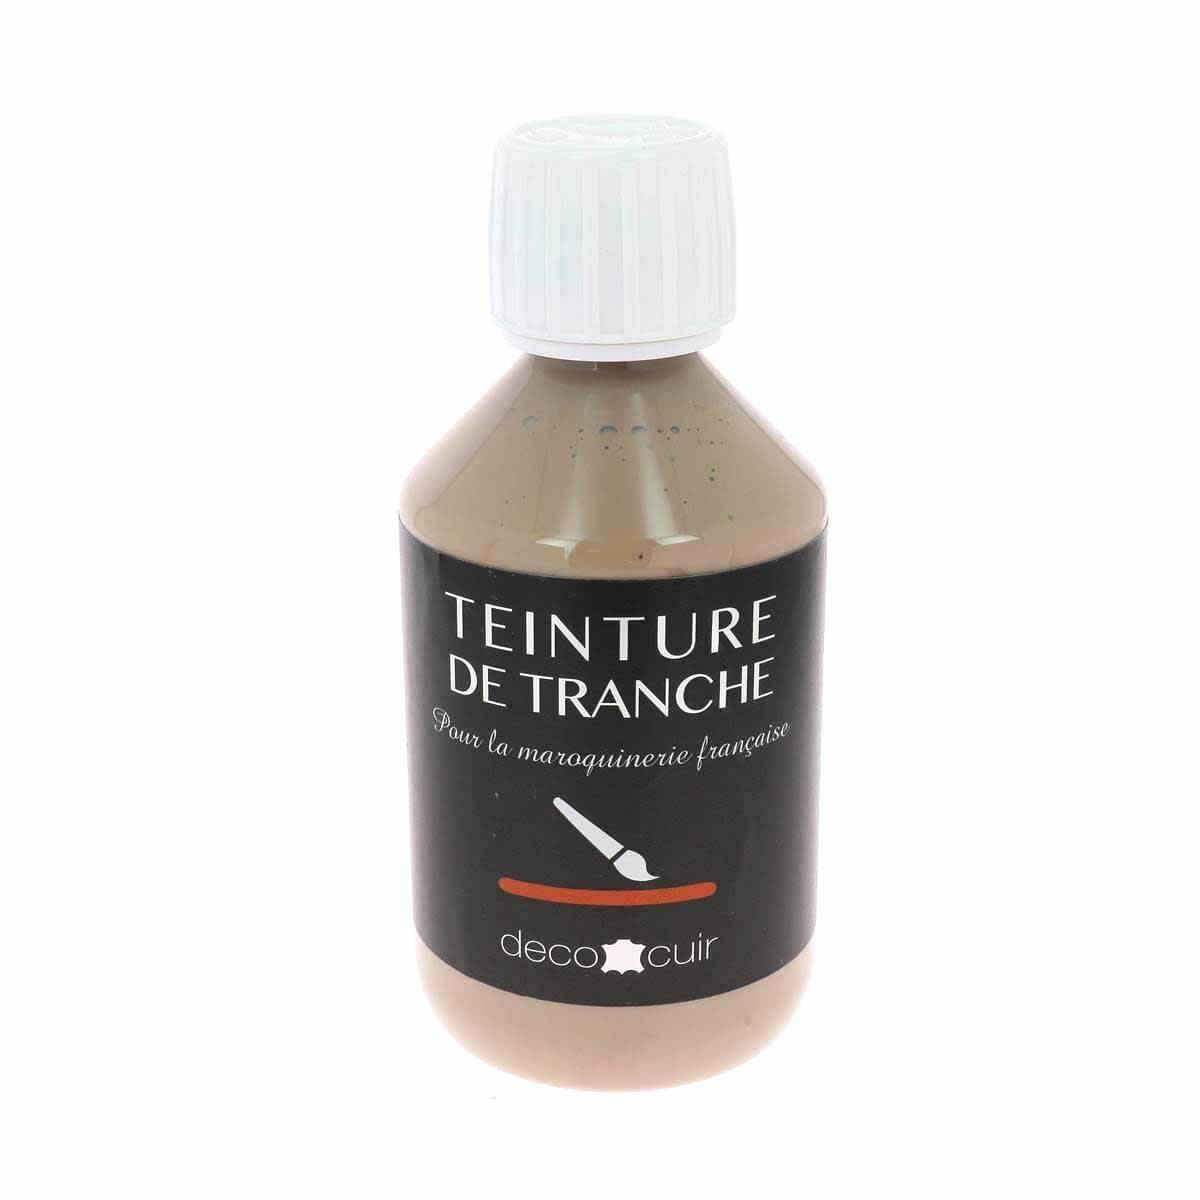 Finition de tranche ARGILE MAT - Deco Cuir - 250 ml